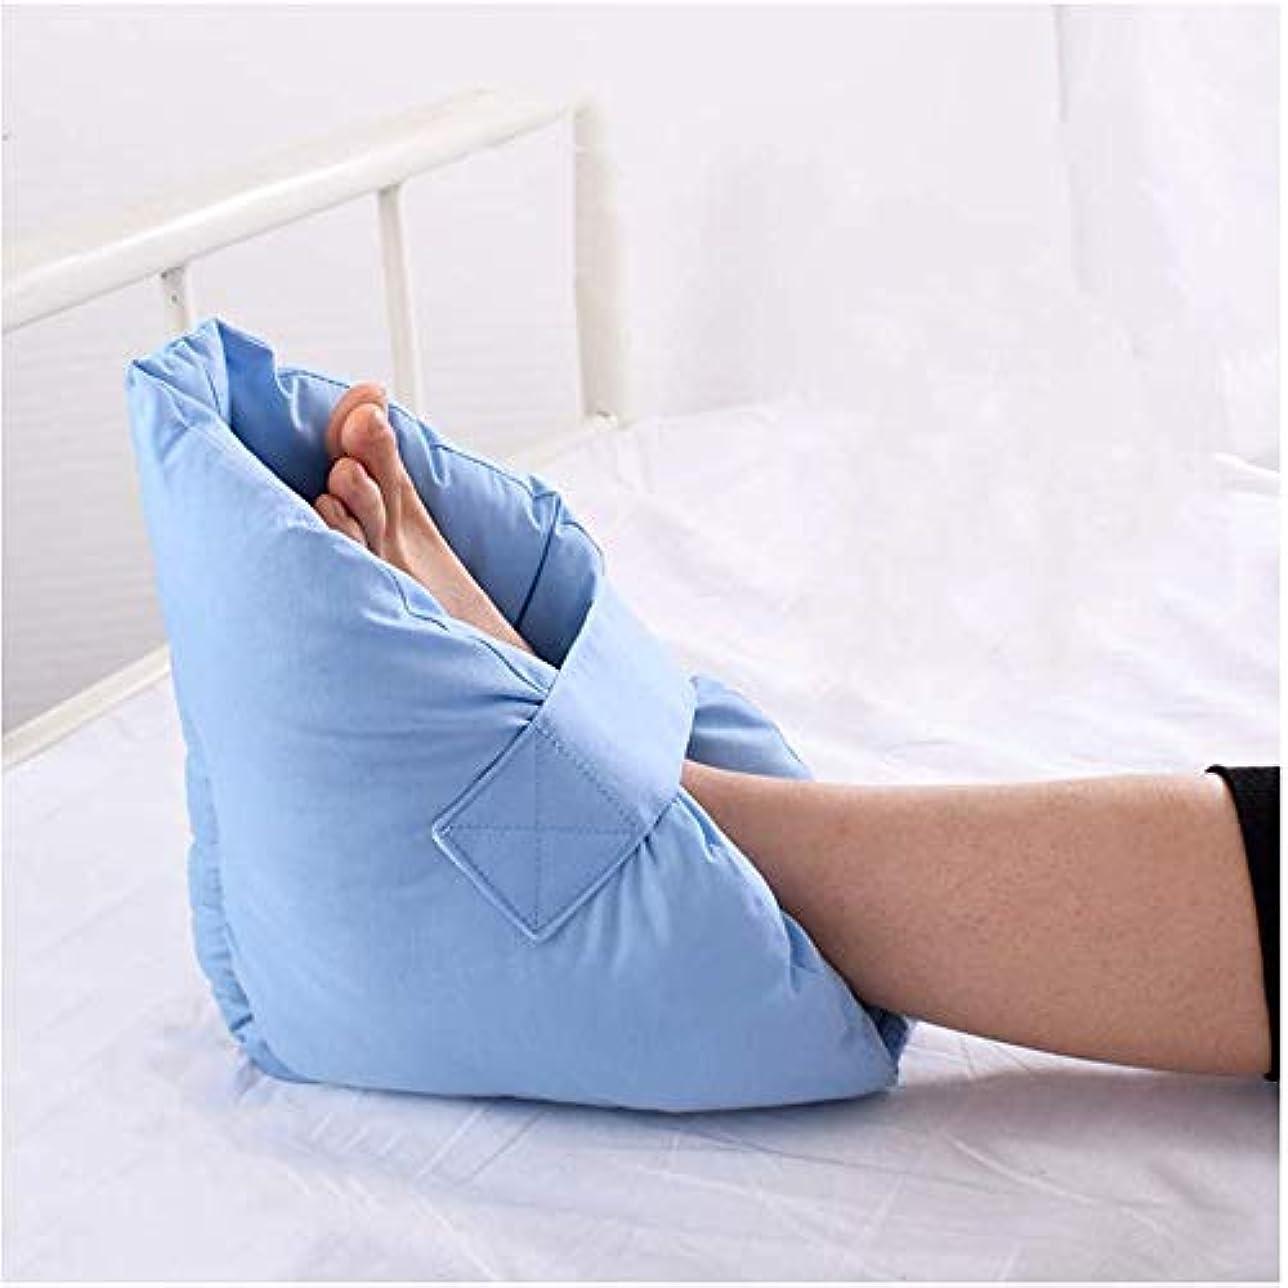 トランク暗殺者運賃ヒールクッションプロテクター2個褥瘡を保護します足首サポート 暖かい洗える